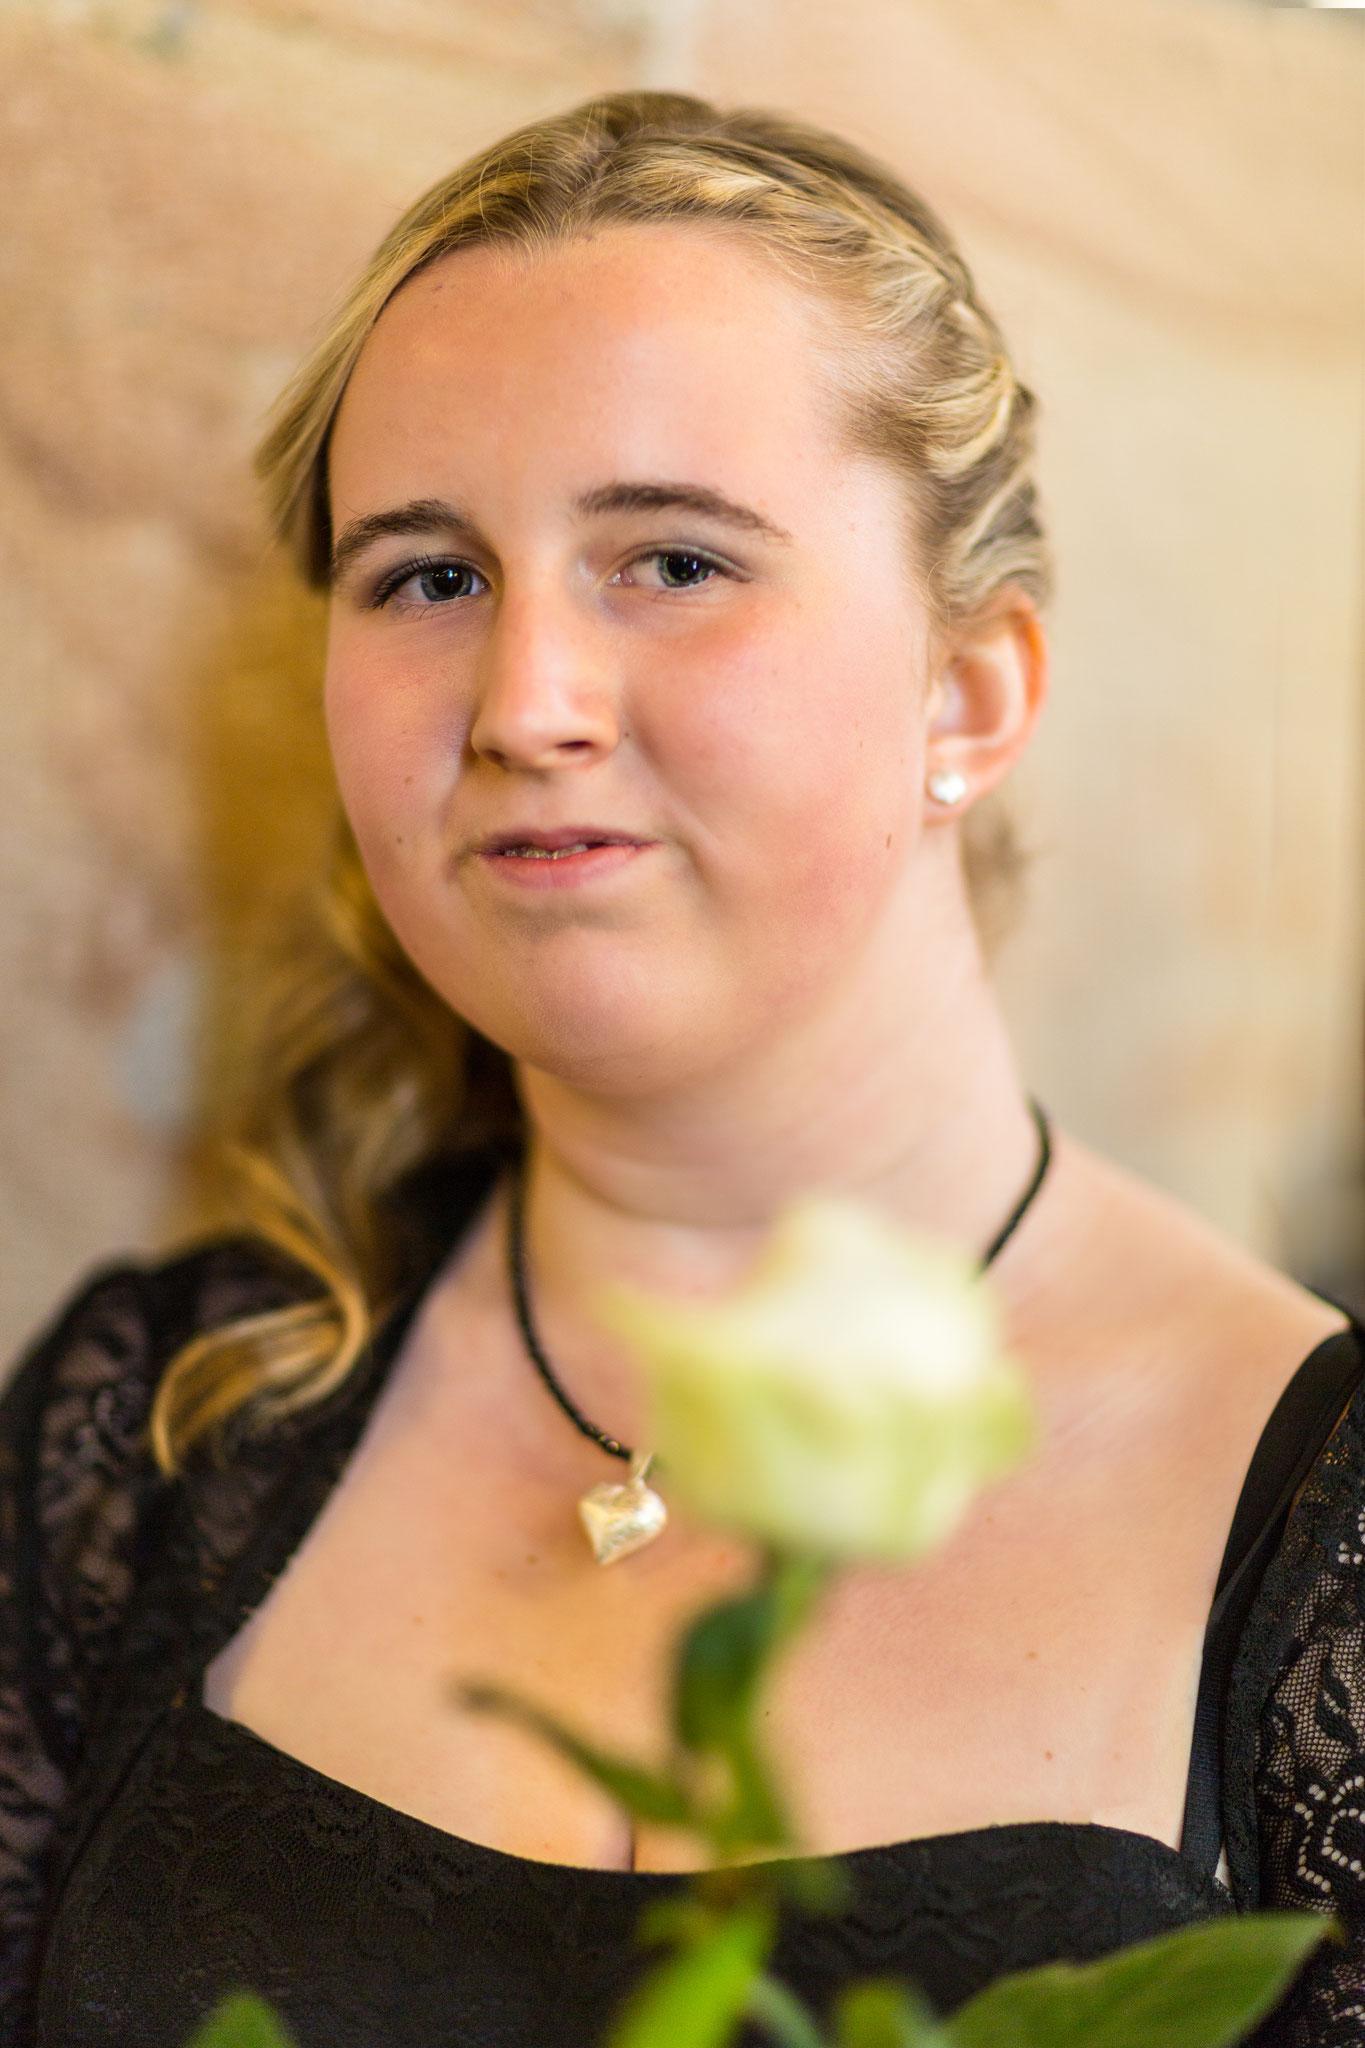 Victoria Vosseler